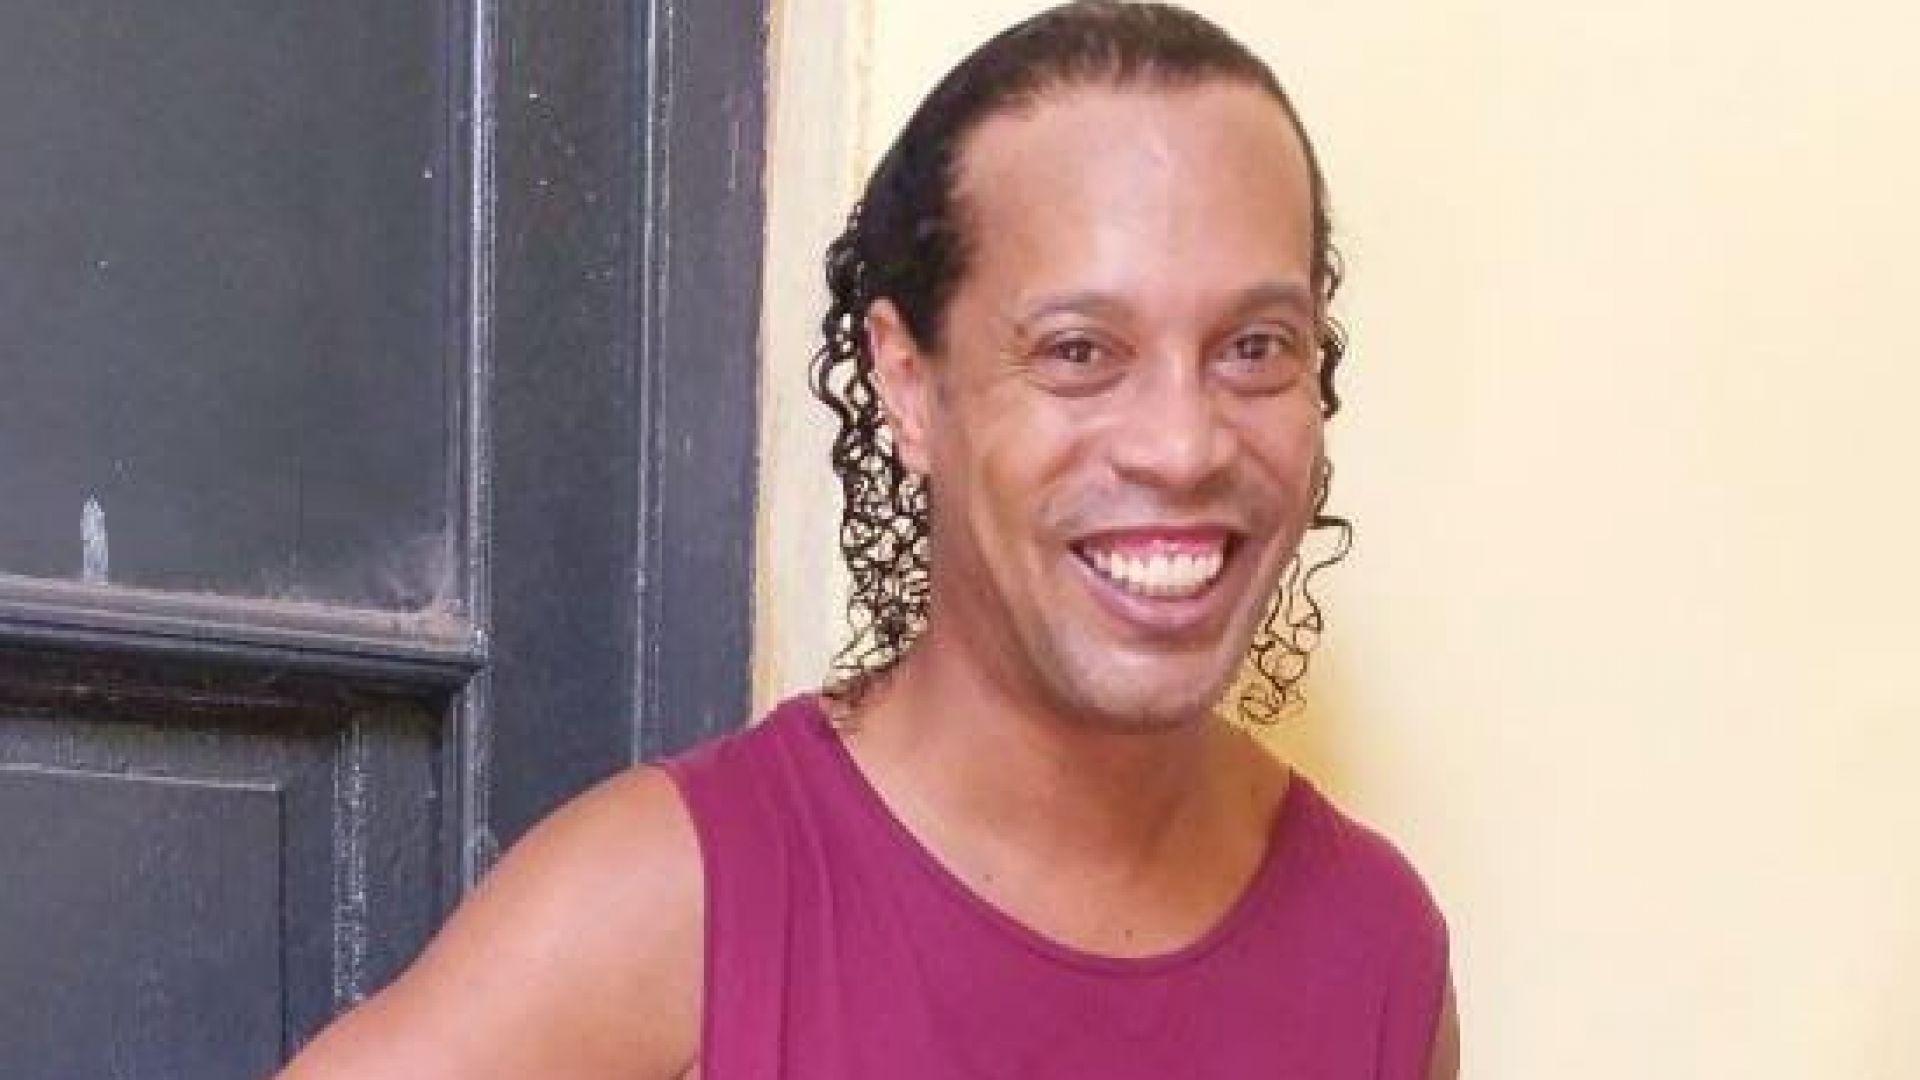 След месец в затвор и още 4 под домашен арест, Роналдиньо вече е свободен